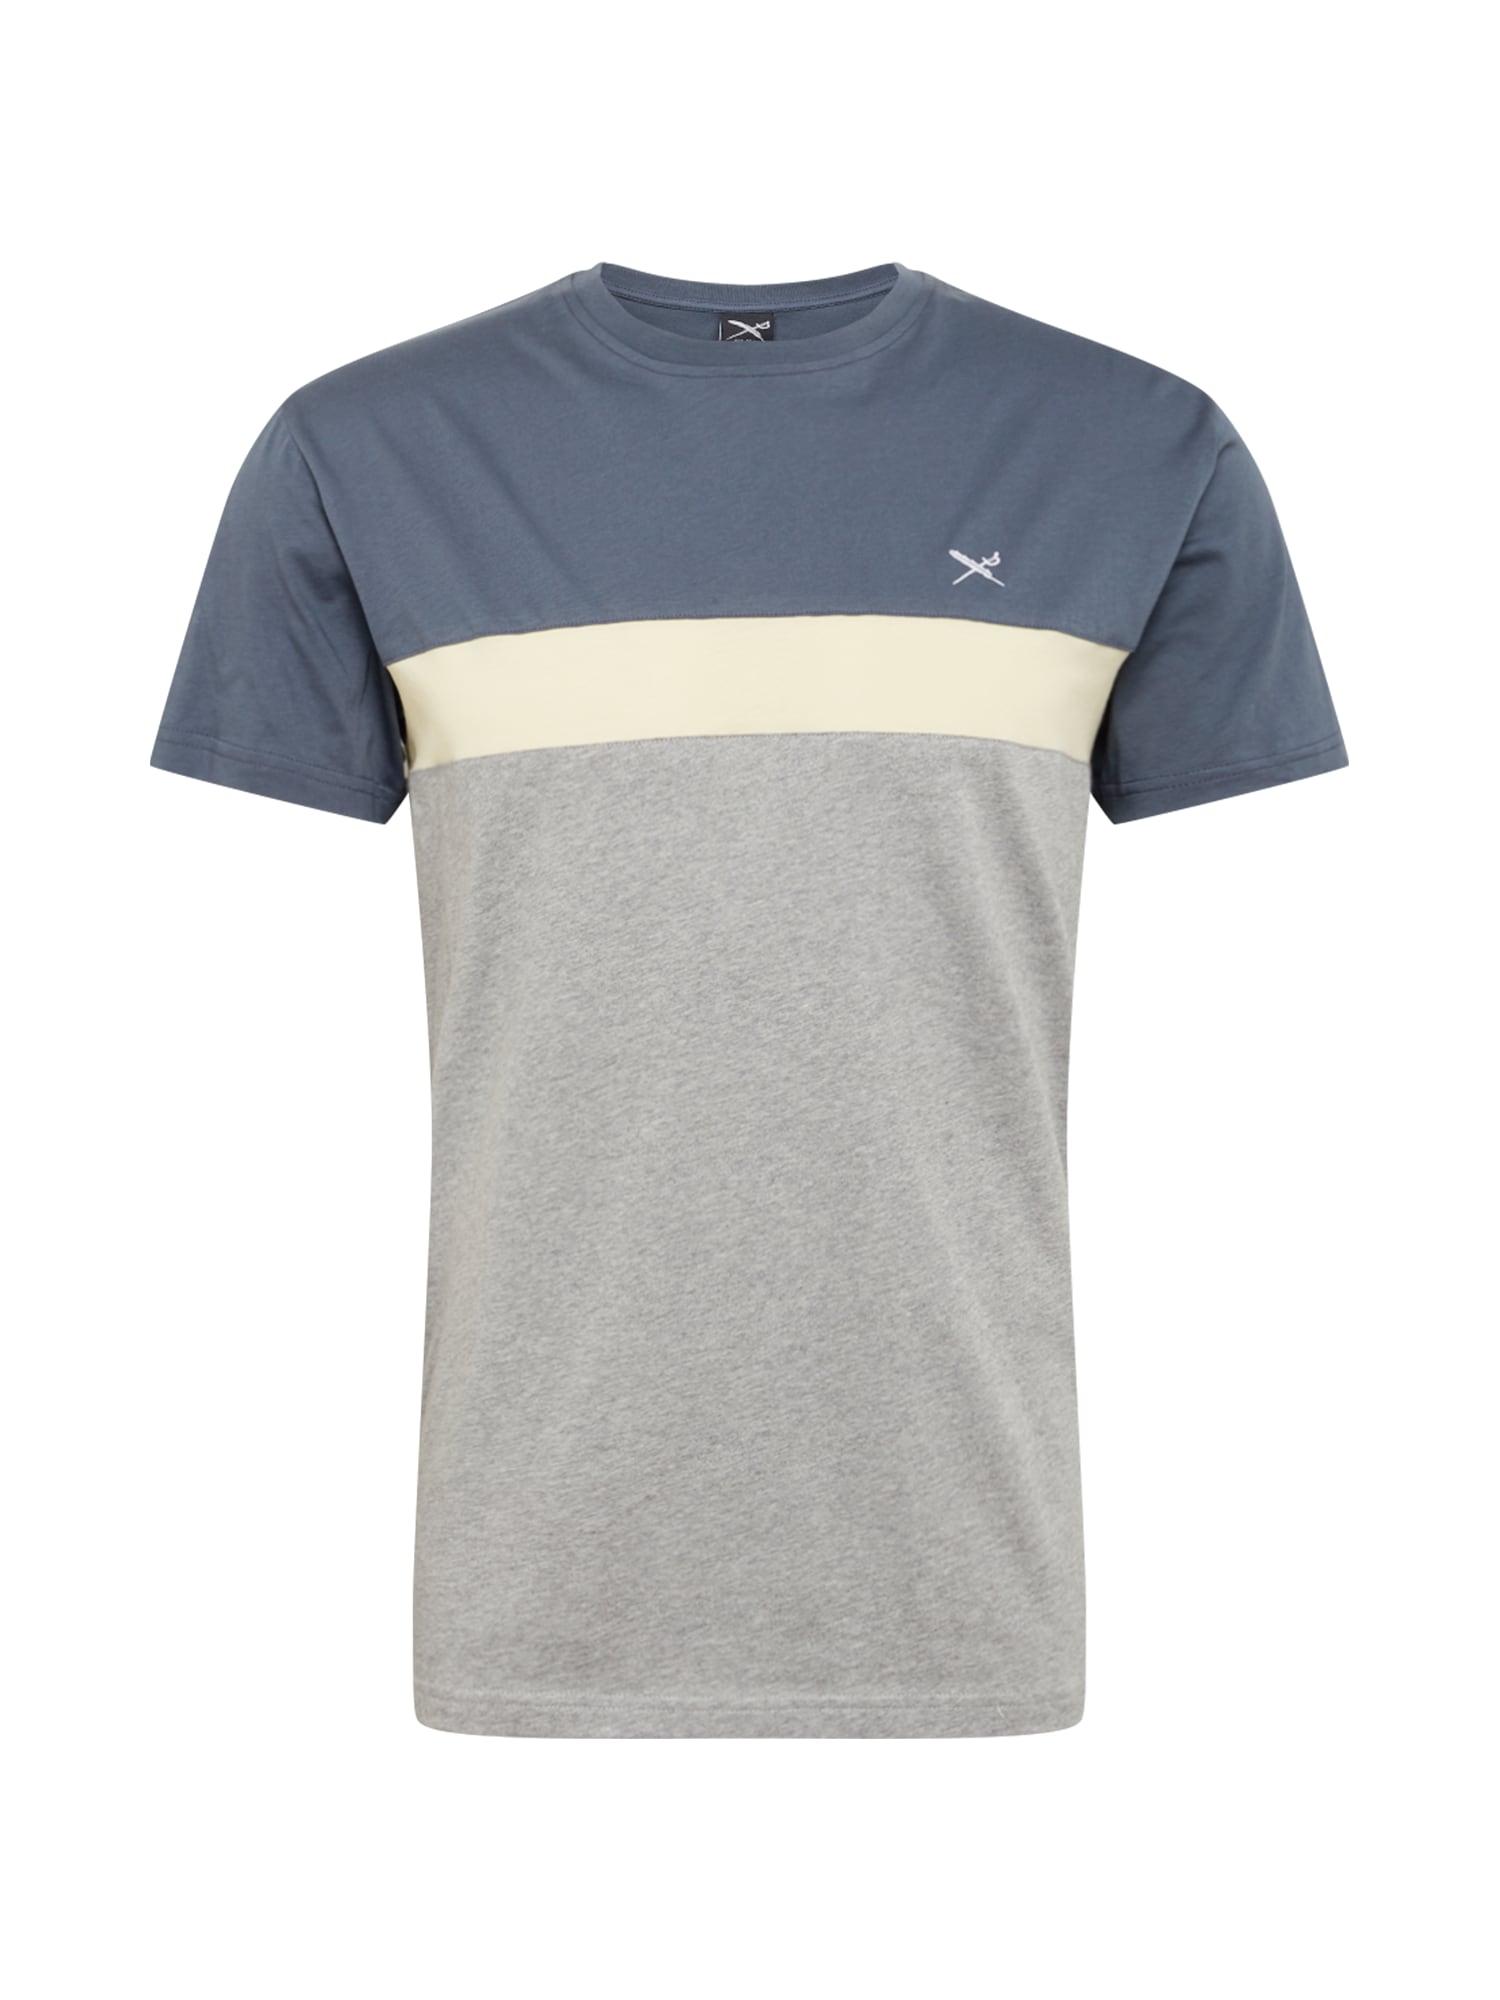 Iriedaily Marškinėliai 'Court' margai pilka / melsvai pilka / balta